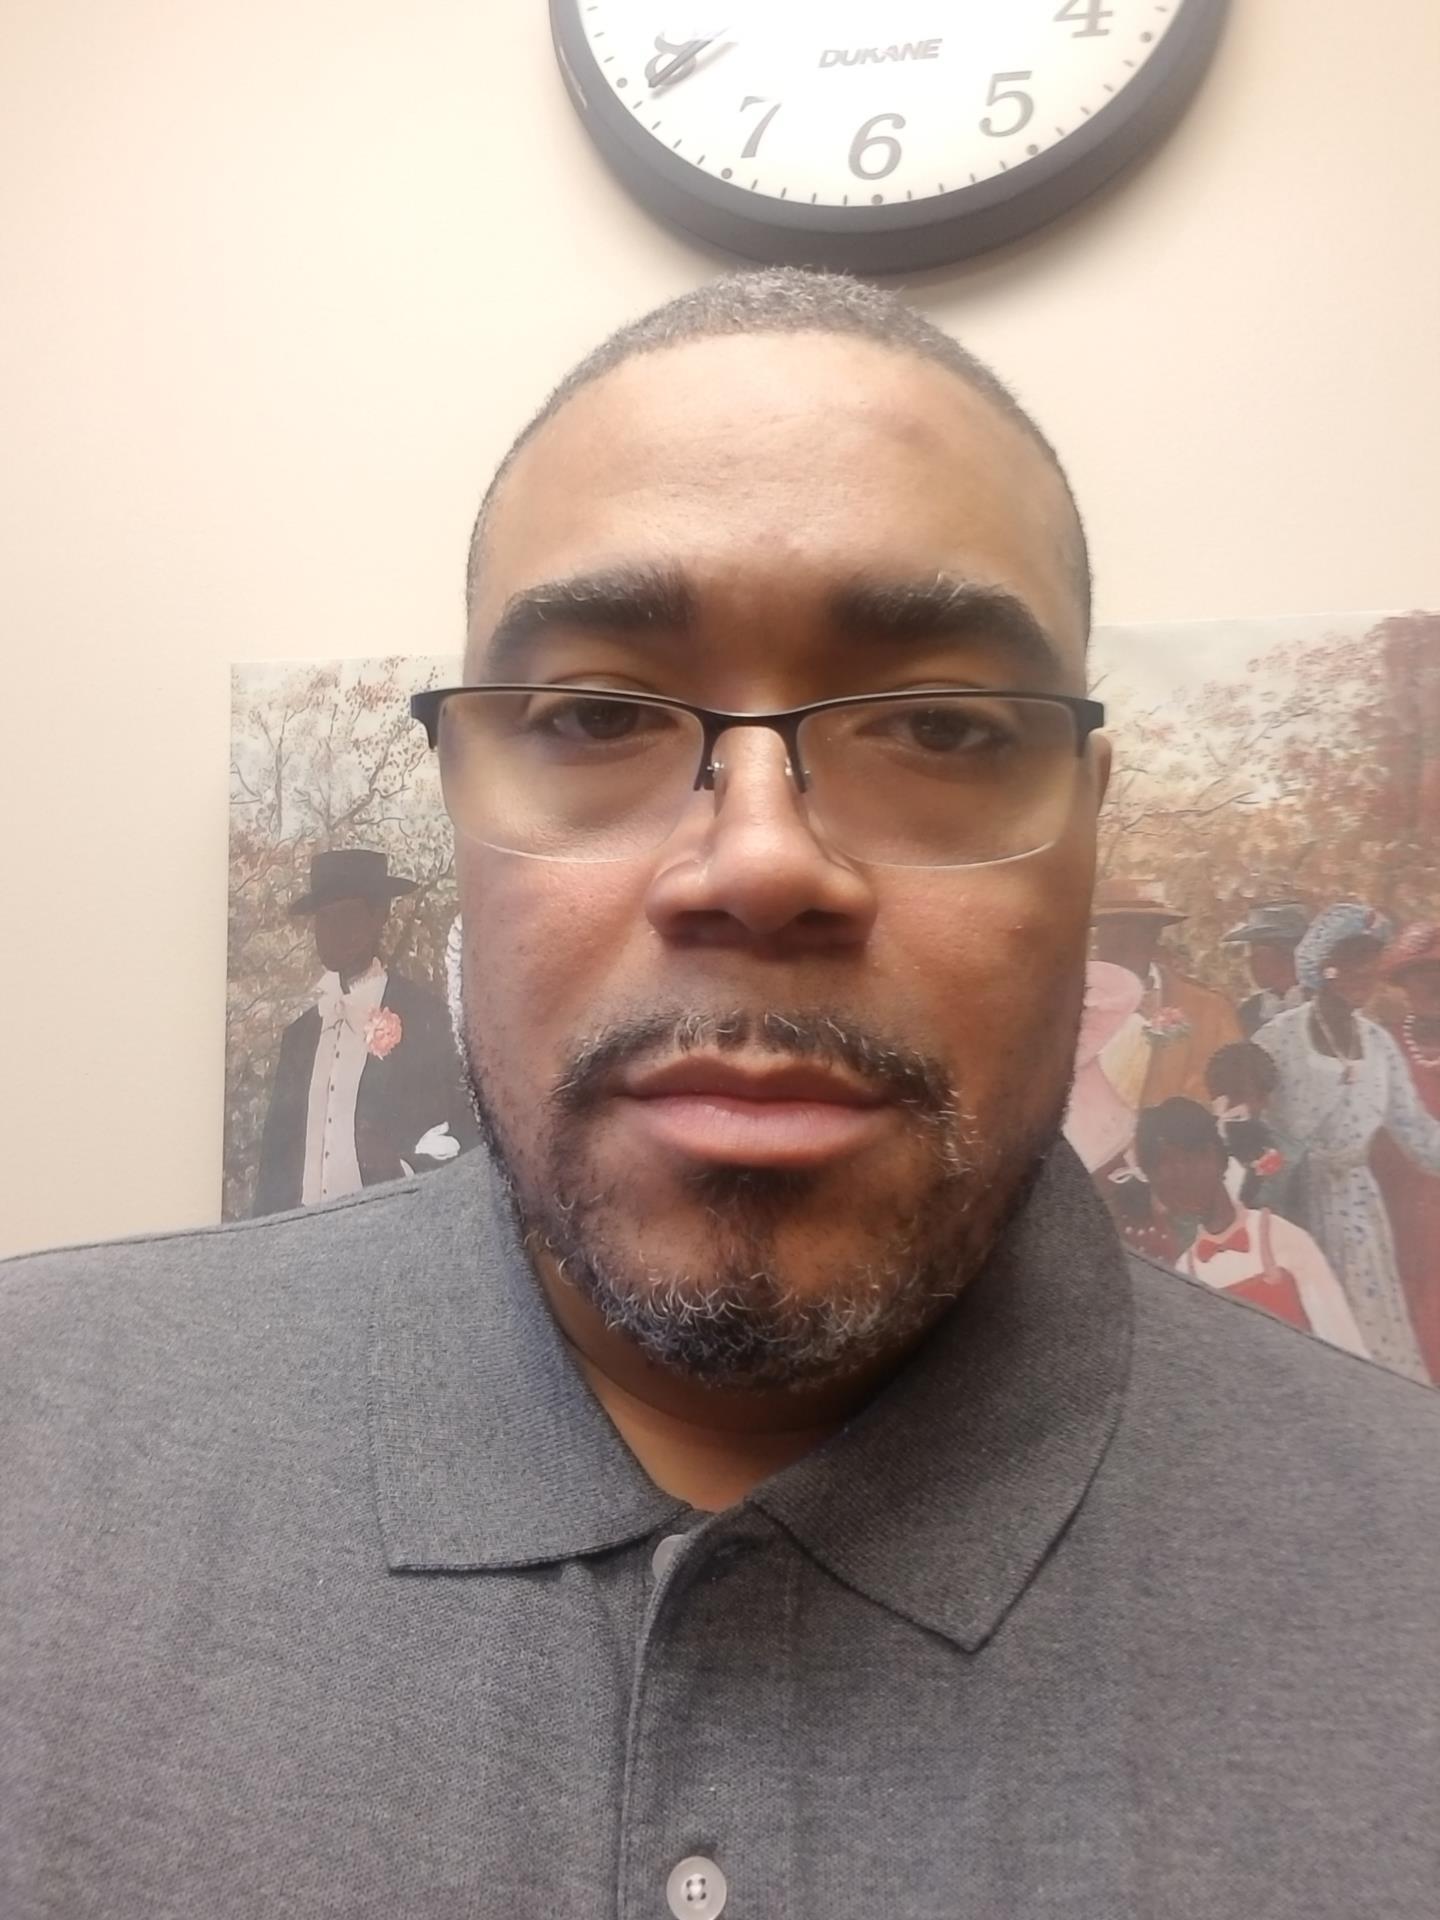 Mr. Anderson, Principal